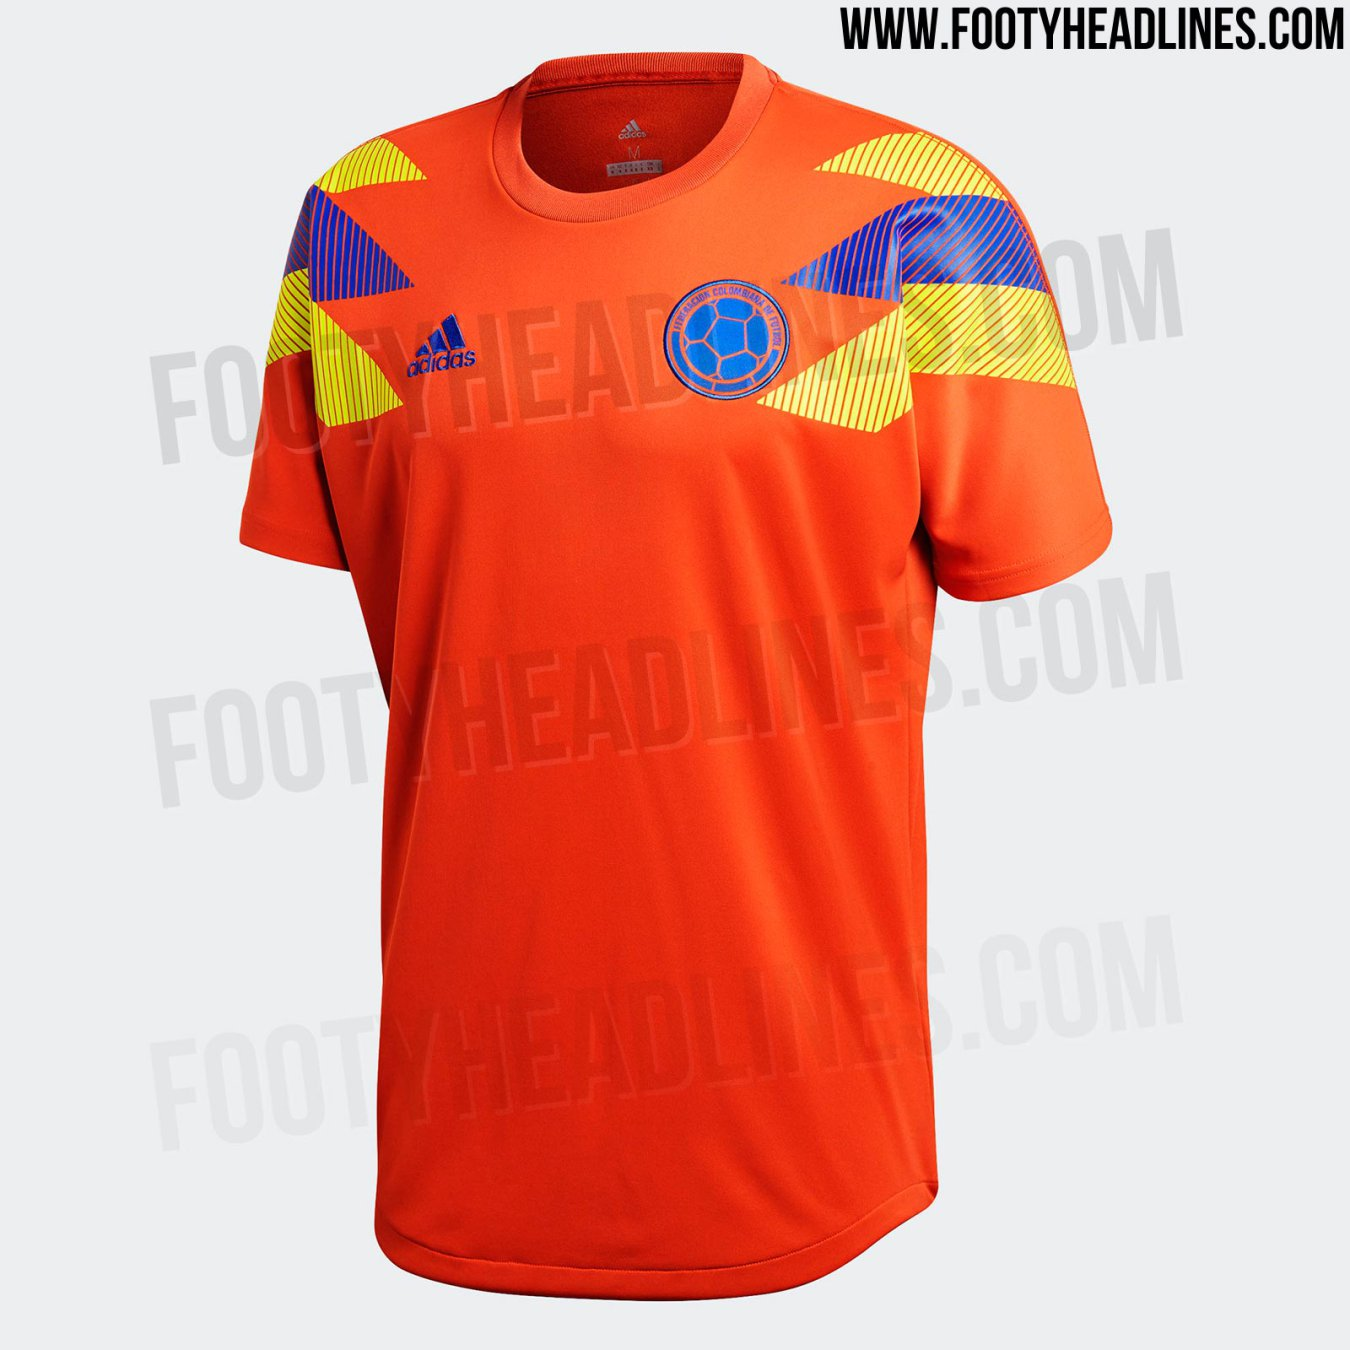 266e81d9bee17 Colombia también tendrá camiseta naranja edición especial - AS Colombia